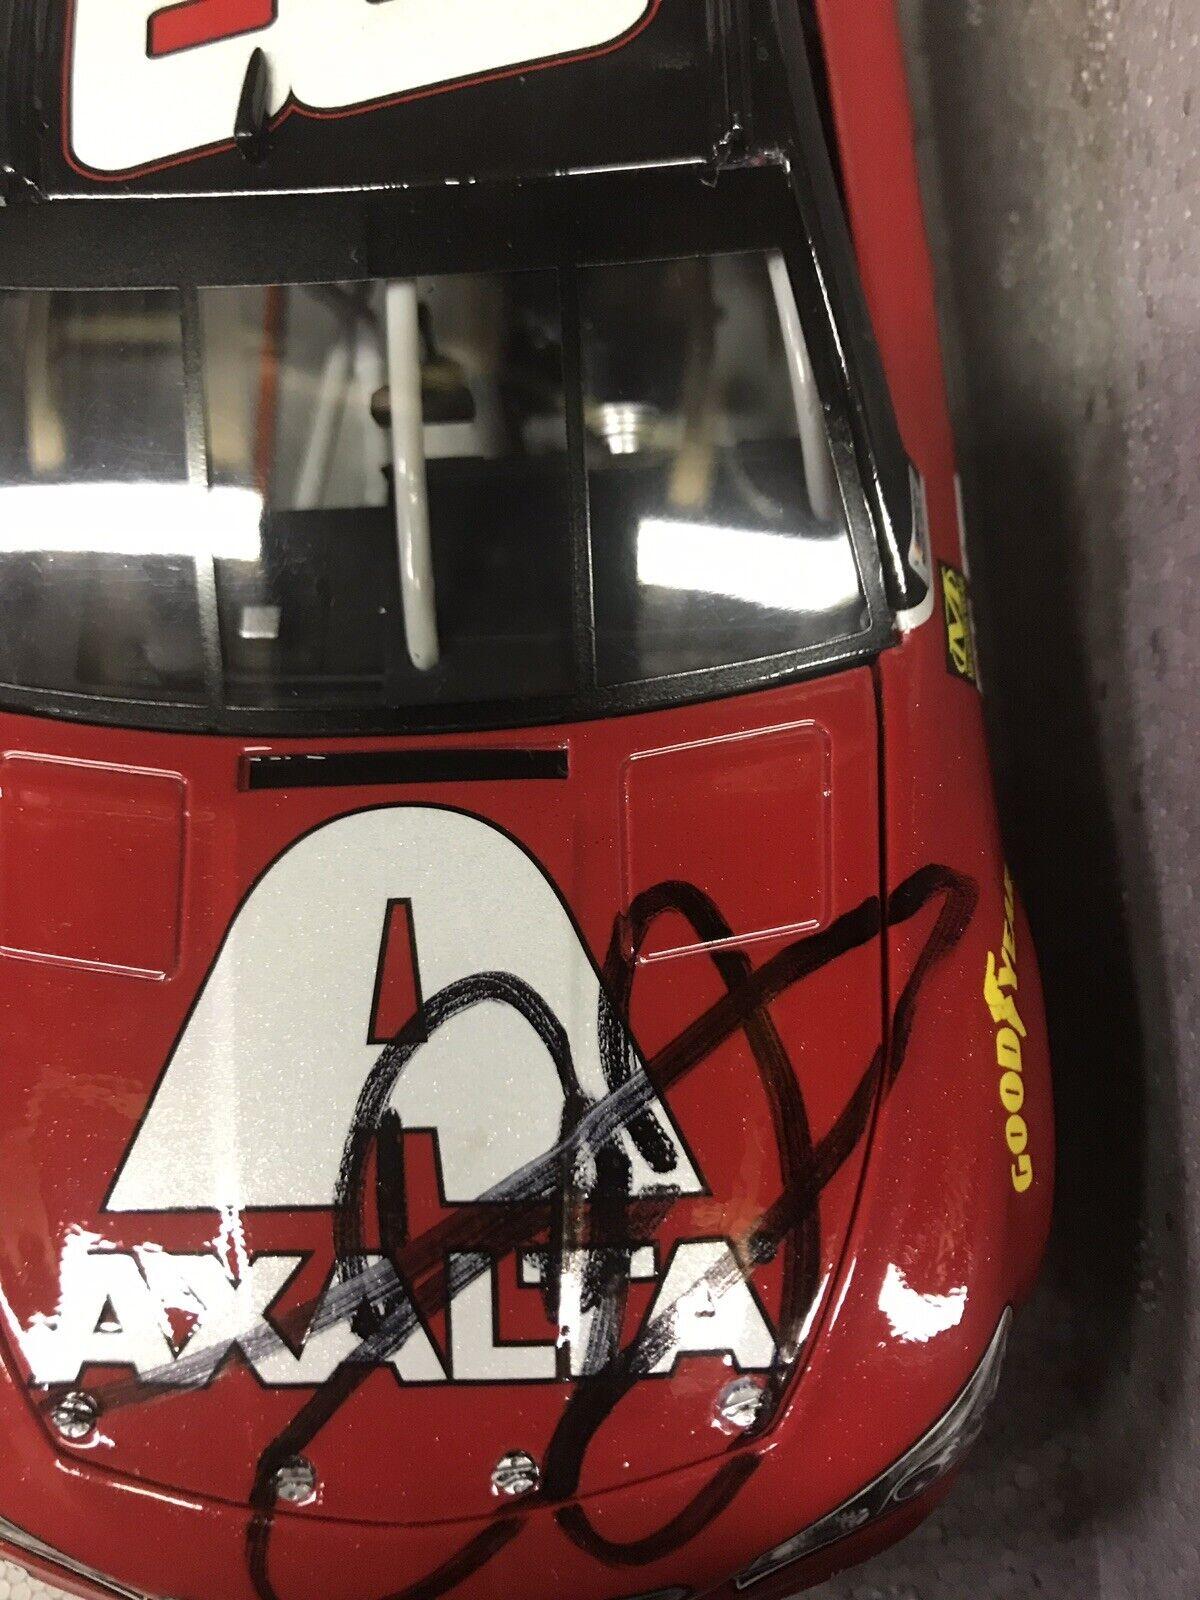 compras de moda online Dale Dale Dale Earnhardt Jr autografiada 2017  88 Homestead 1 24 acción final Ride Axalta  la red entera más baja